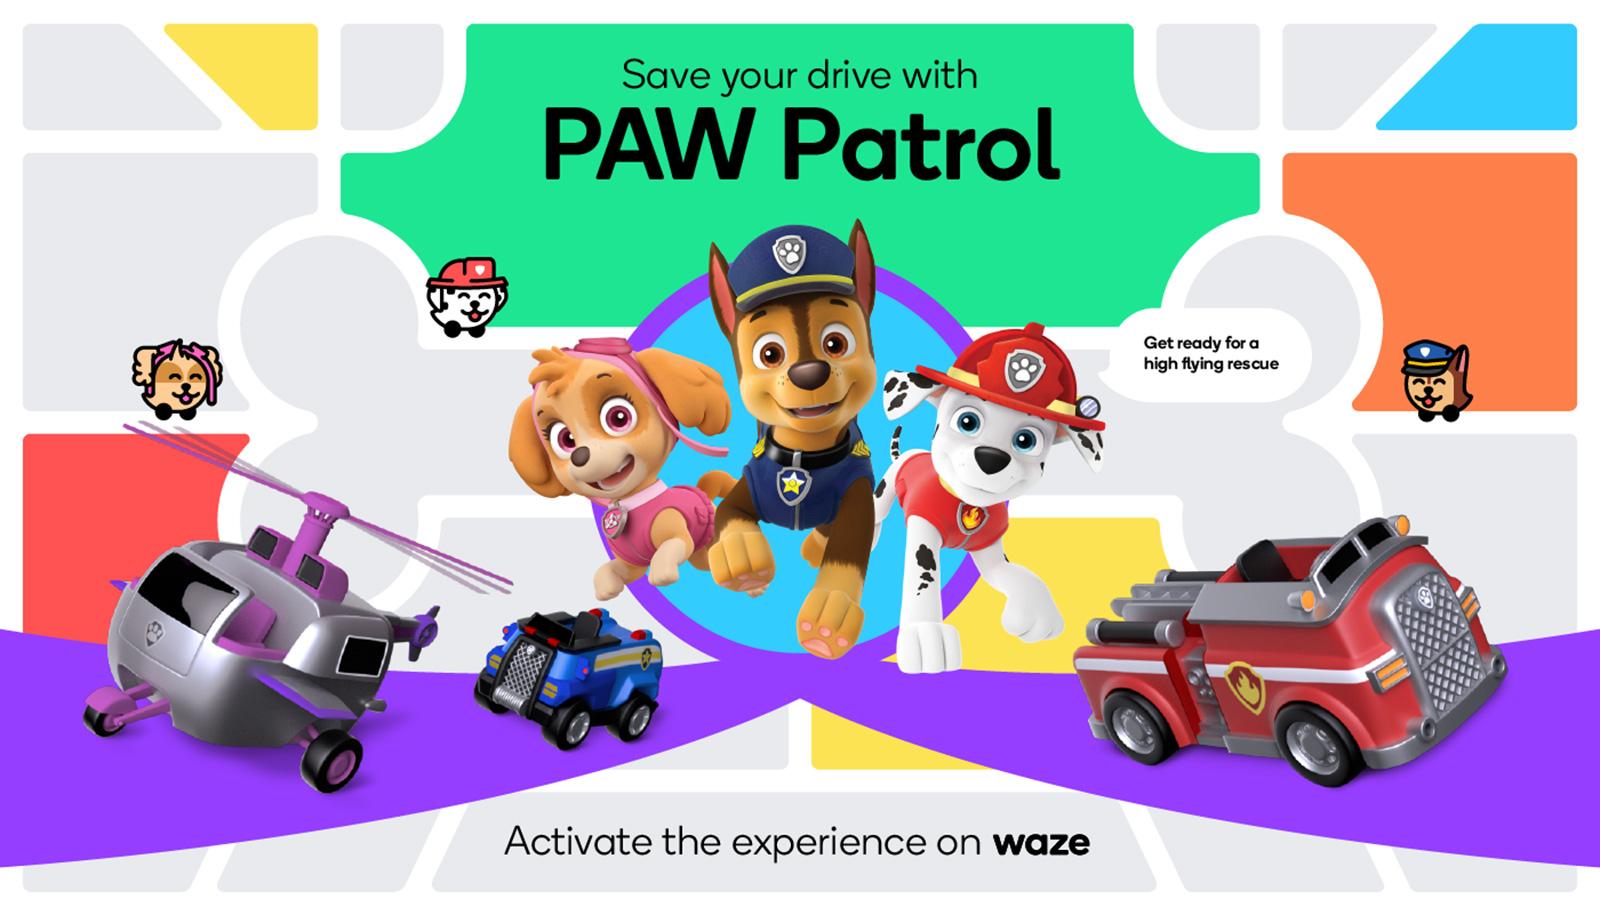 'PAW Patrol' sesleriyle Waze, soğuk bir araba yolculuğu gibi geliyor | Engadget